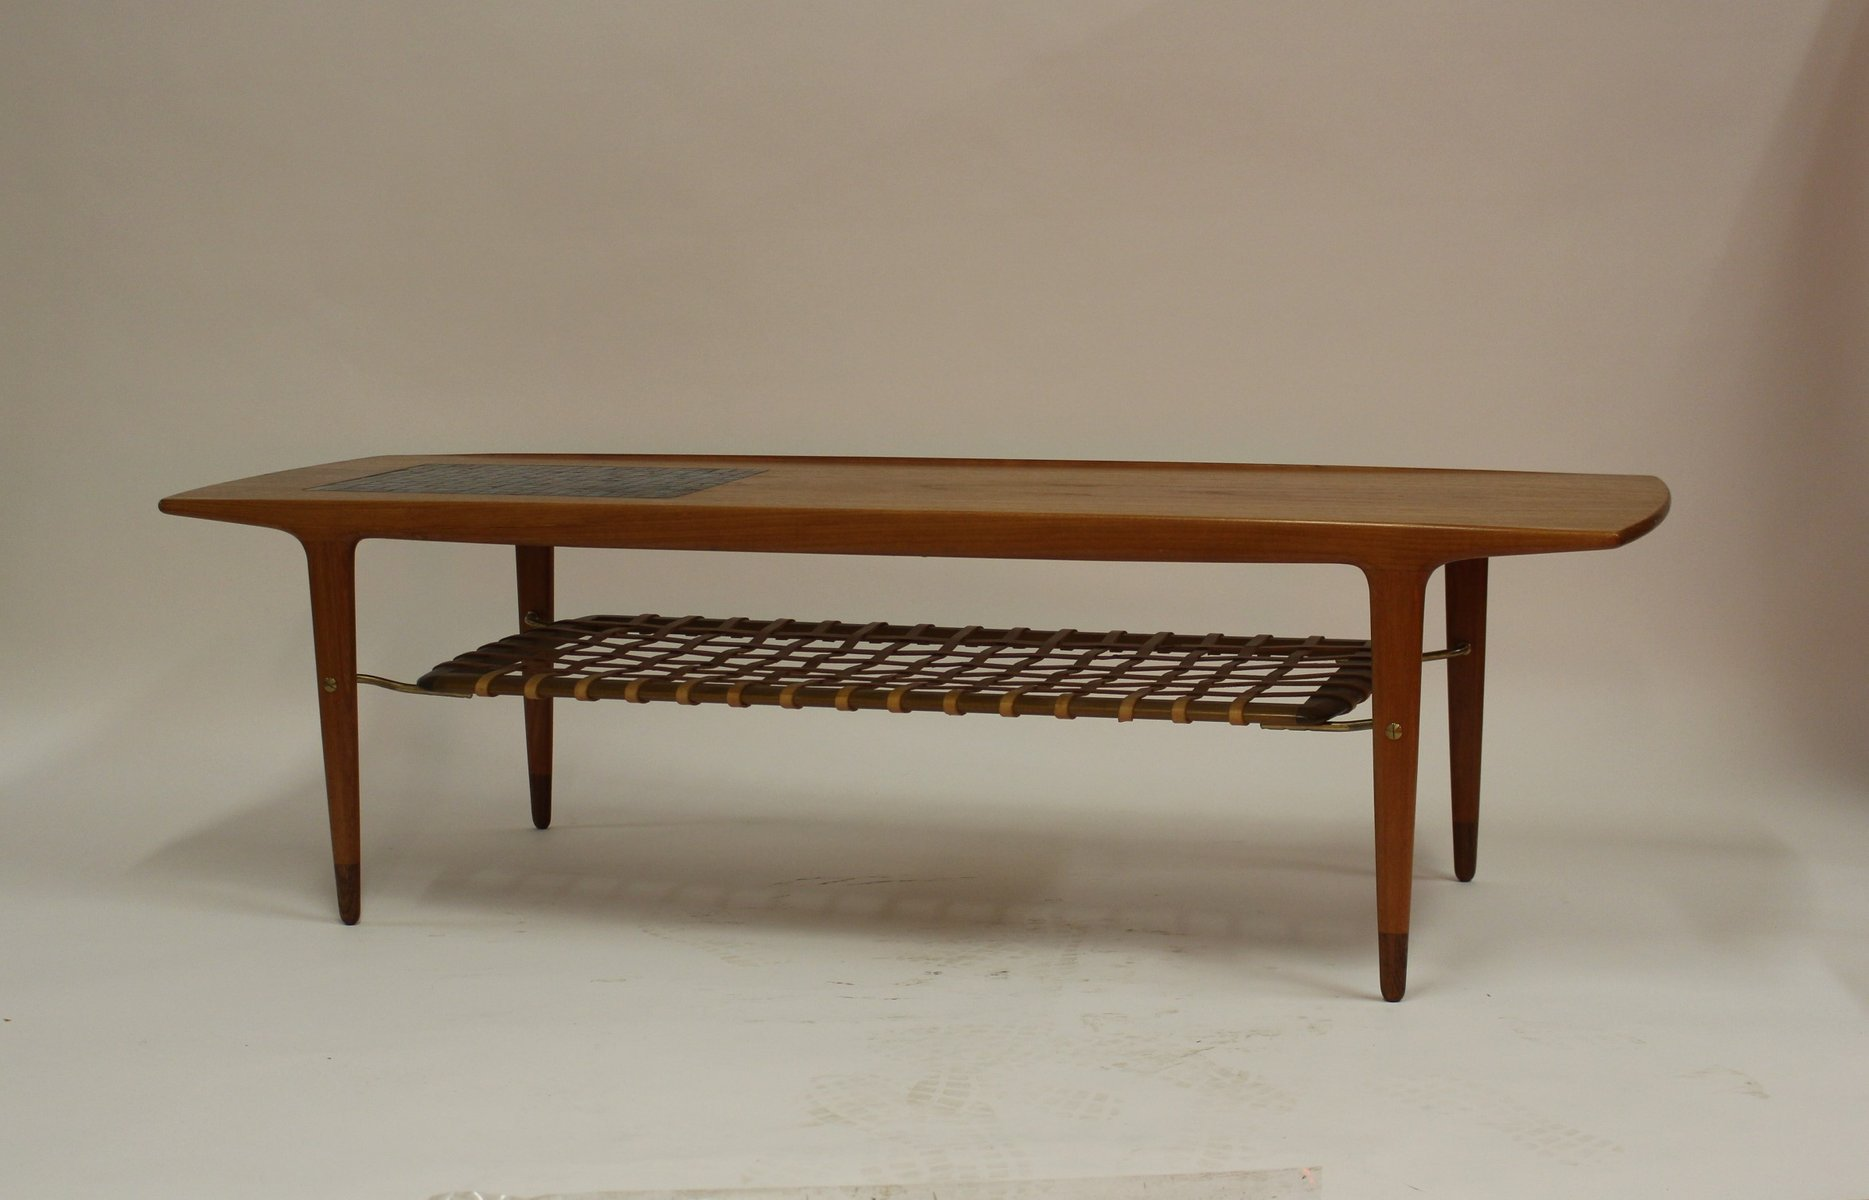 table-basse-vintage-en-teck-avec-carreaux-en-ceramique-et-porte-revues-en-cuir-9 Unique De Table Basse Ceramique Concept